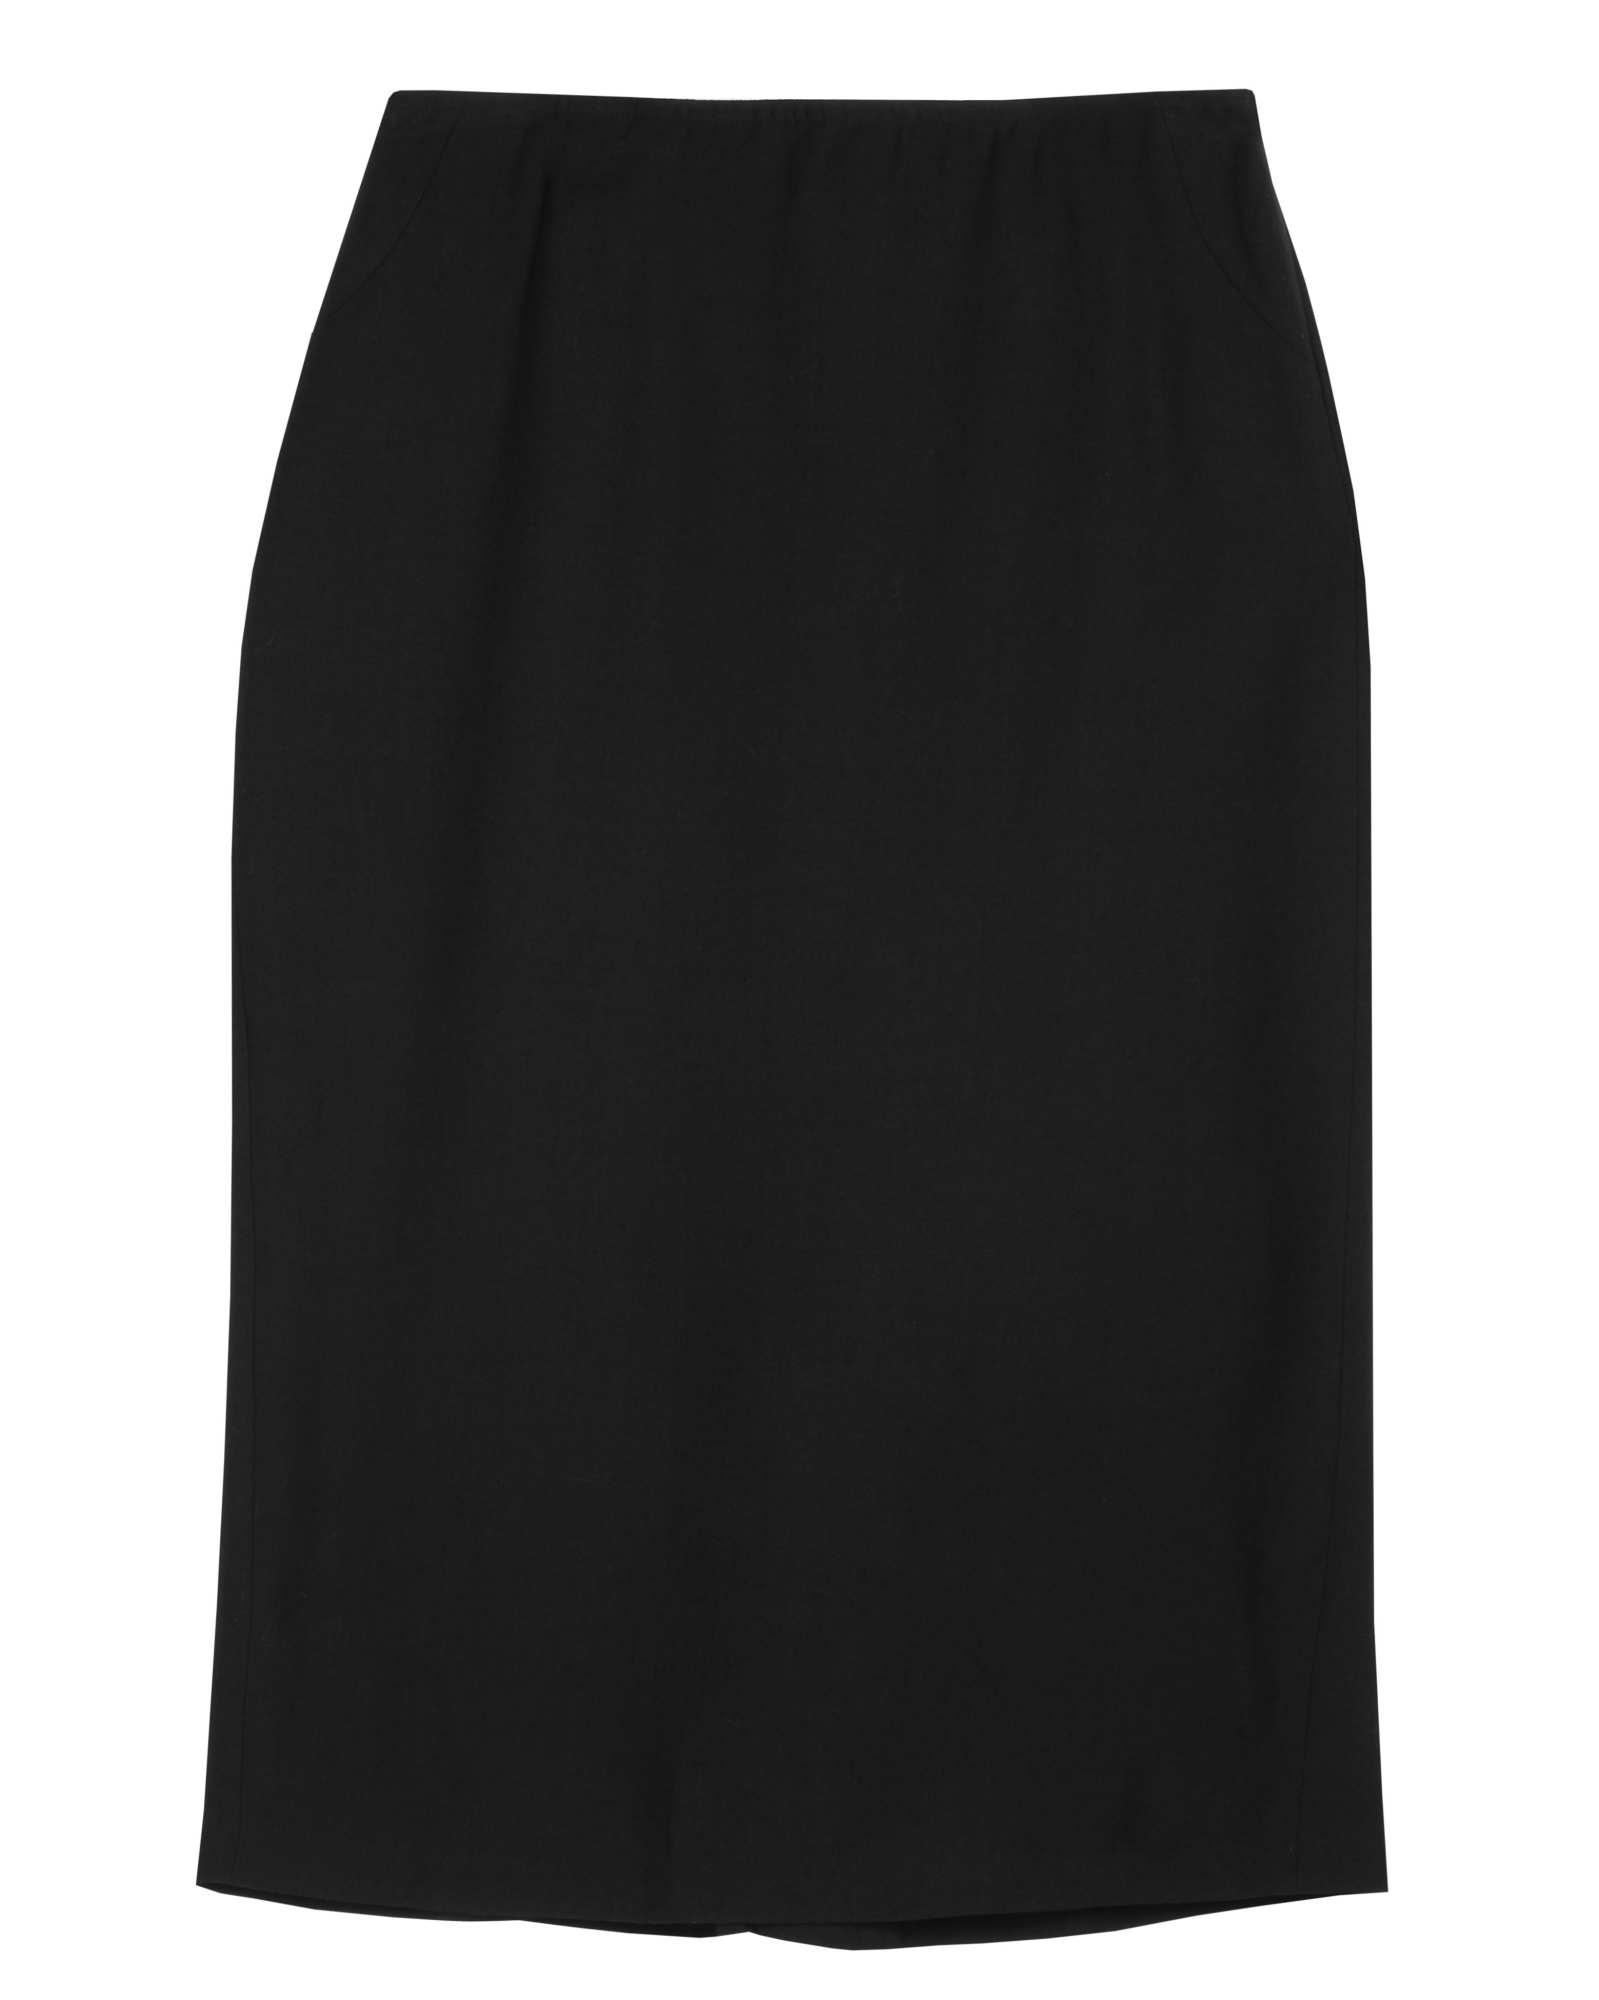 Smash Skirt